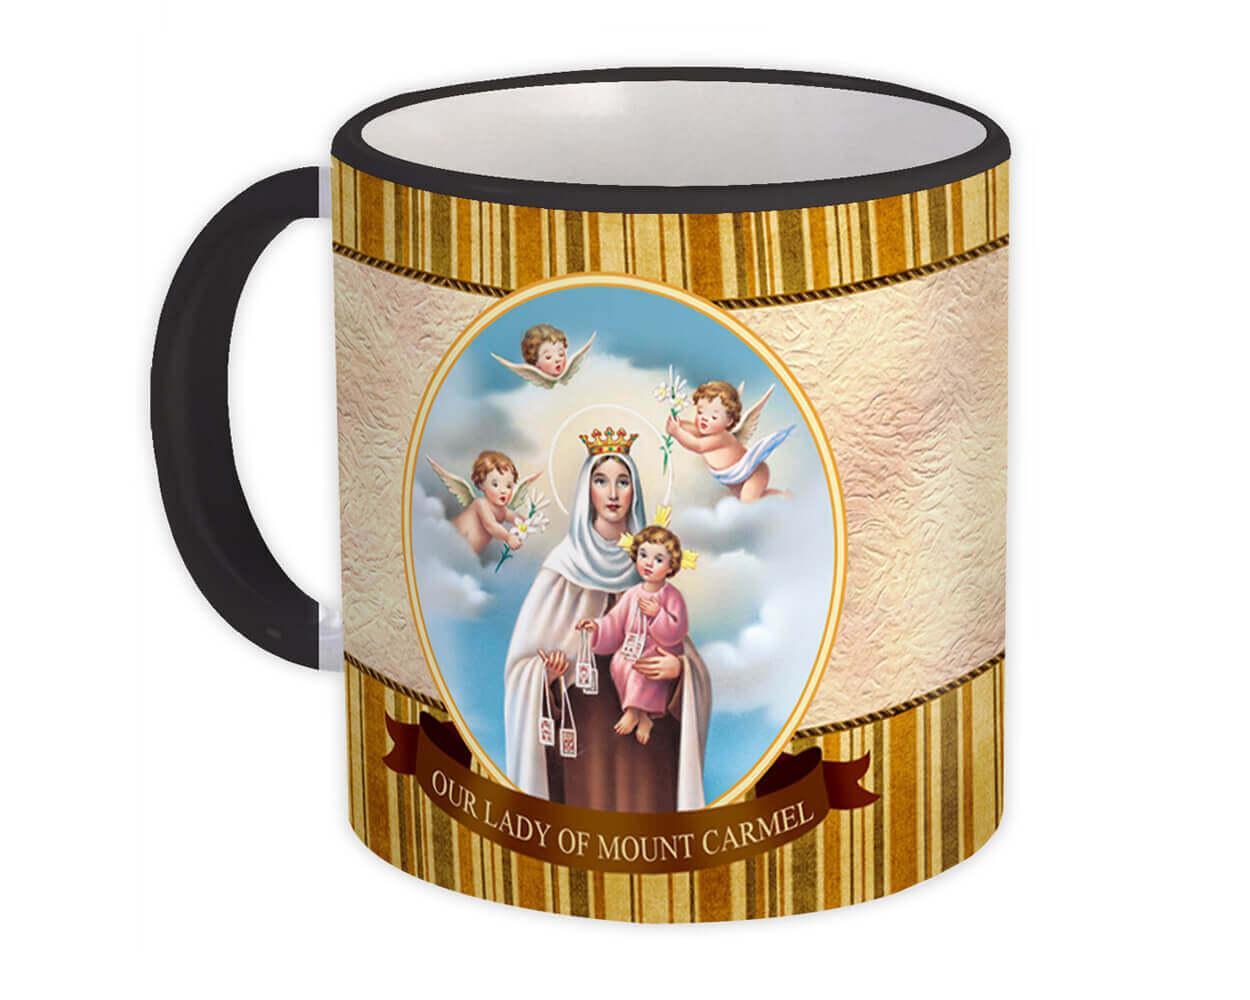 Our Lady of Mount Carmel : Gift Mug Catholic Religious Virgin Saint Mary